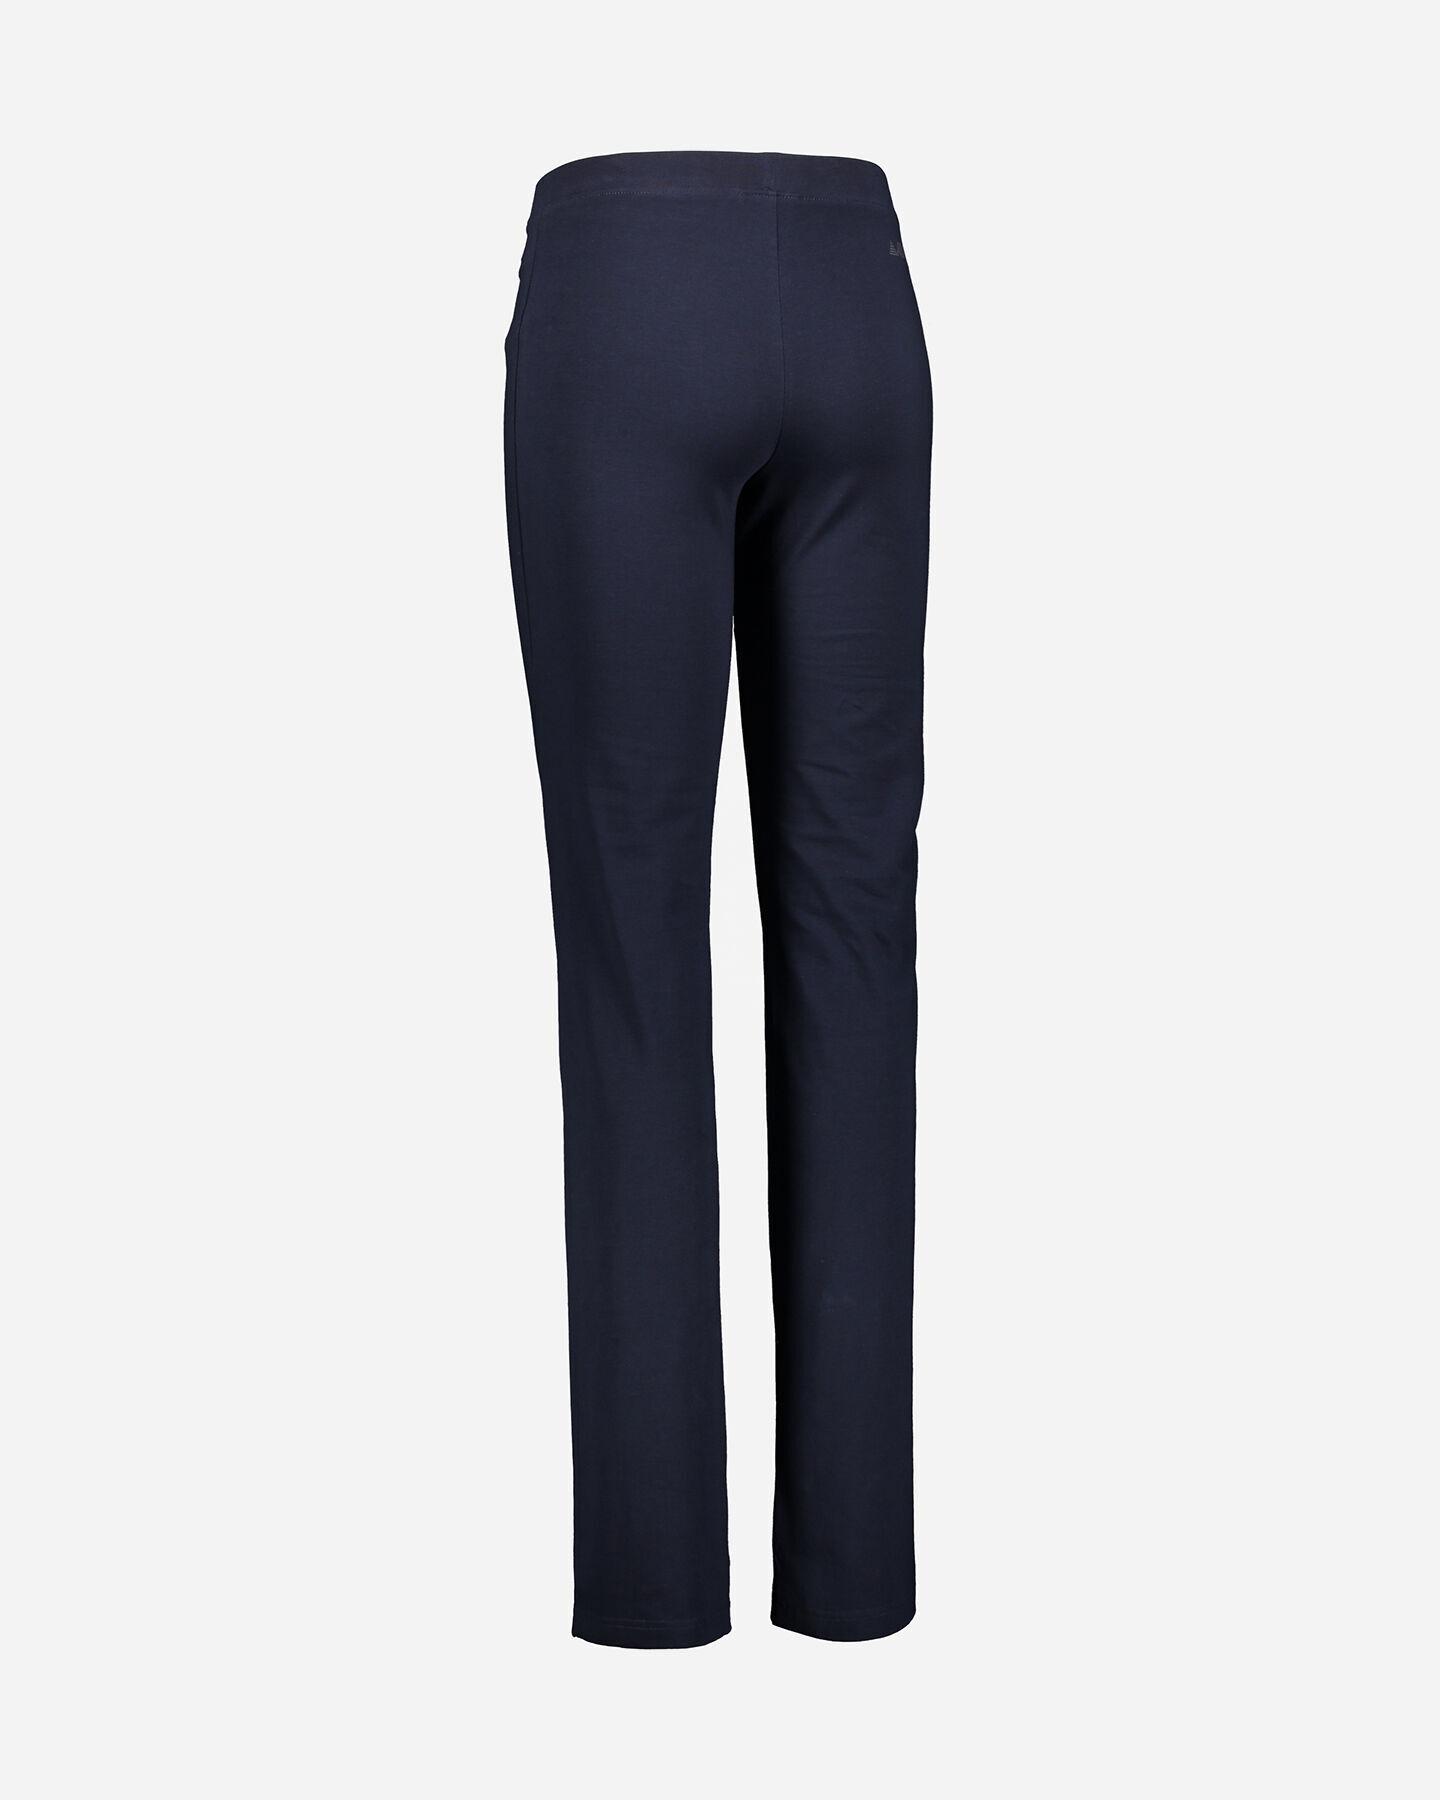 Pantalone ABC STRAIGHT W S5296356 scatto 5